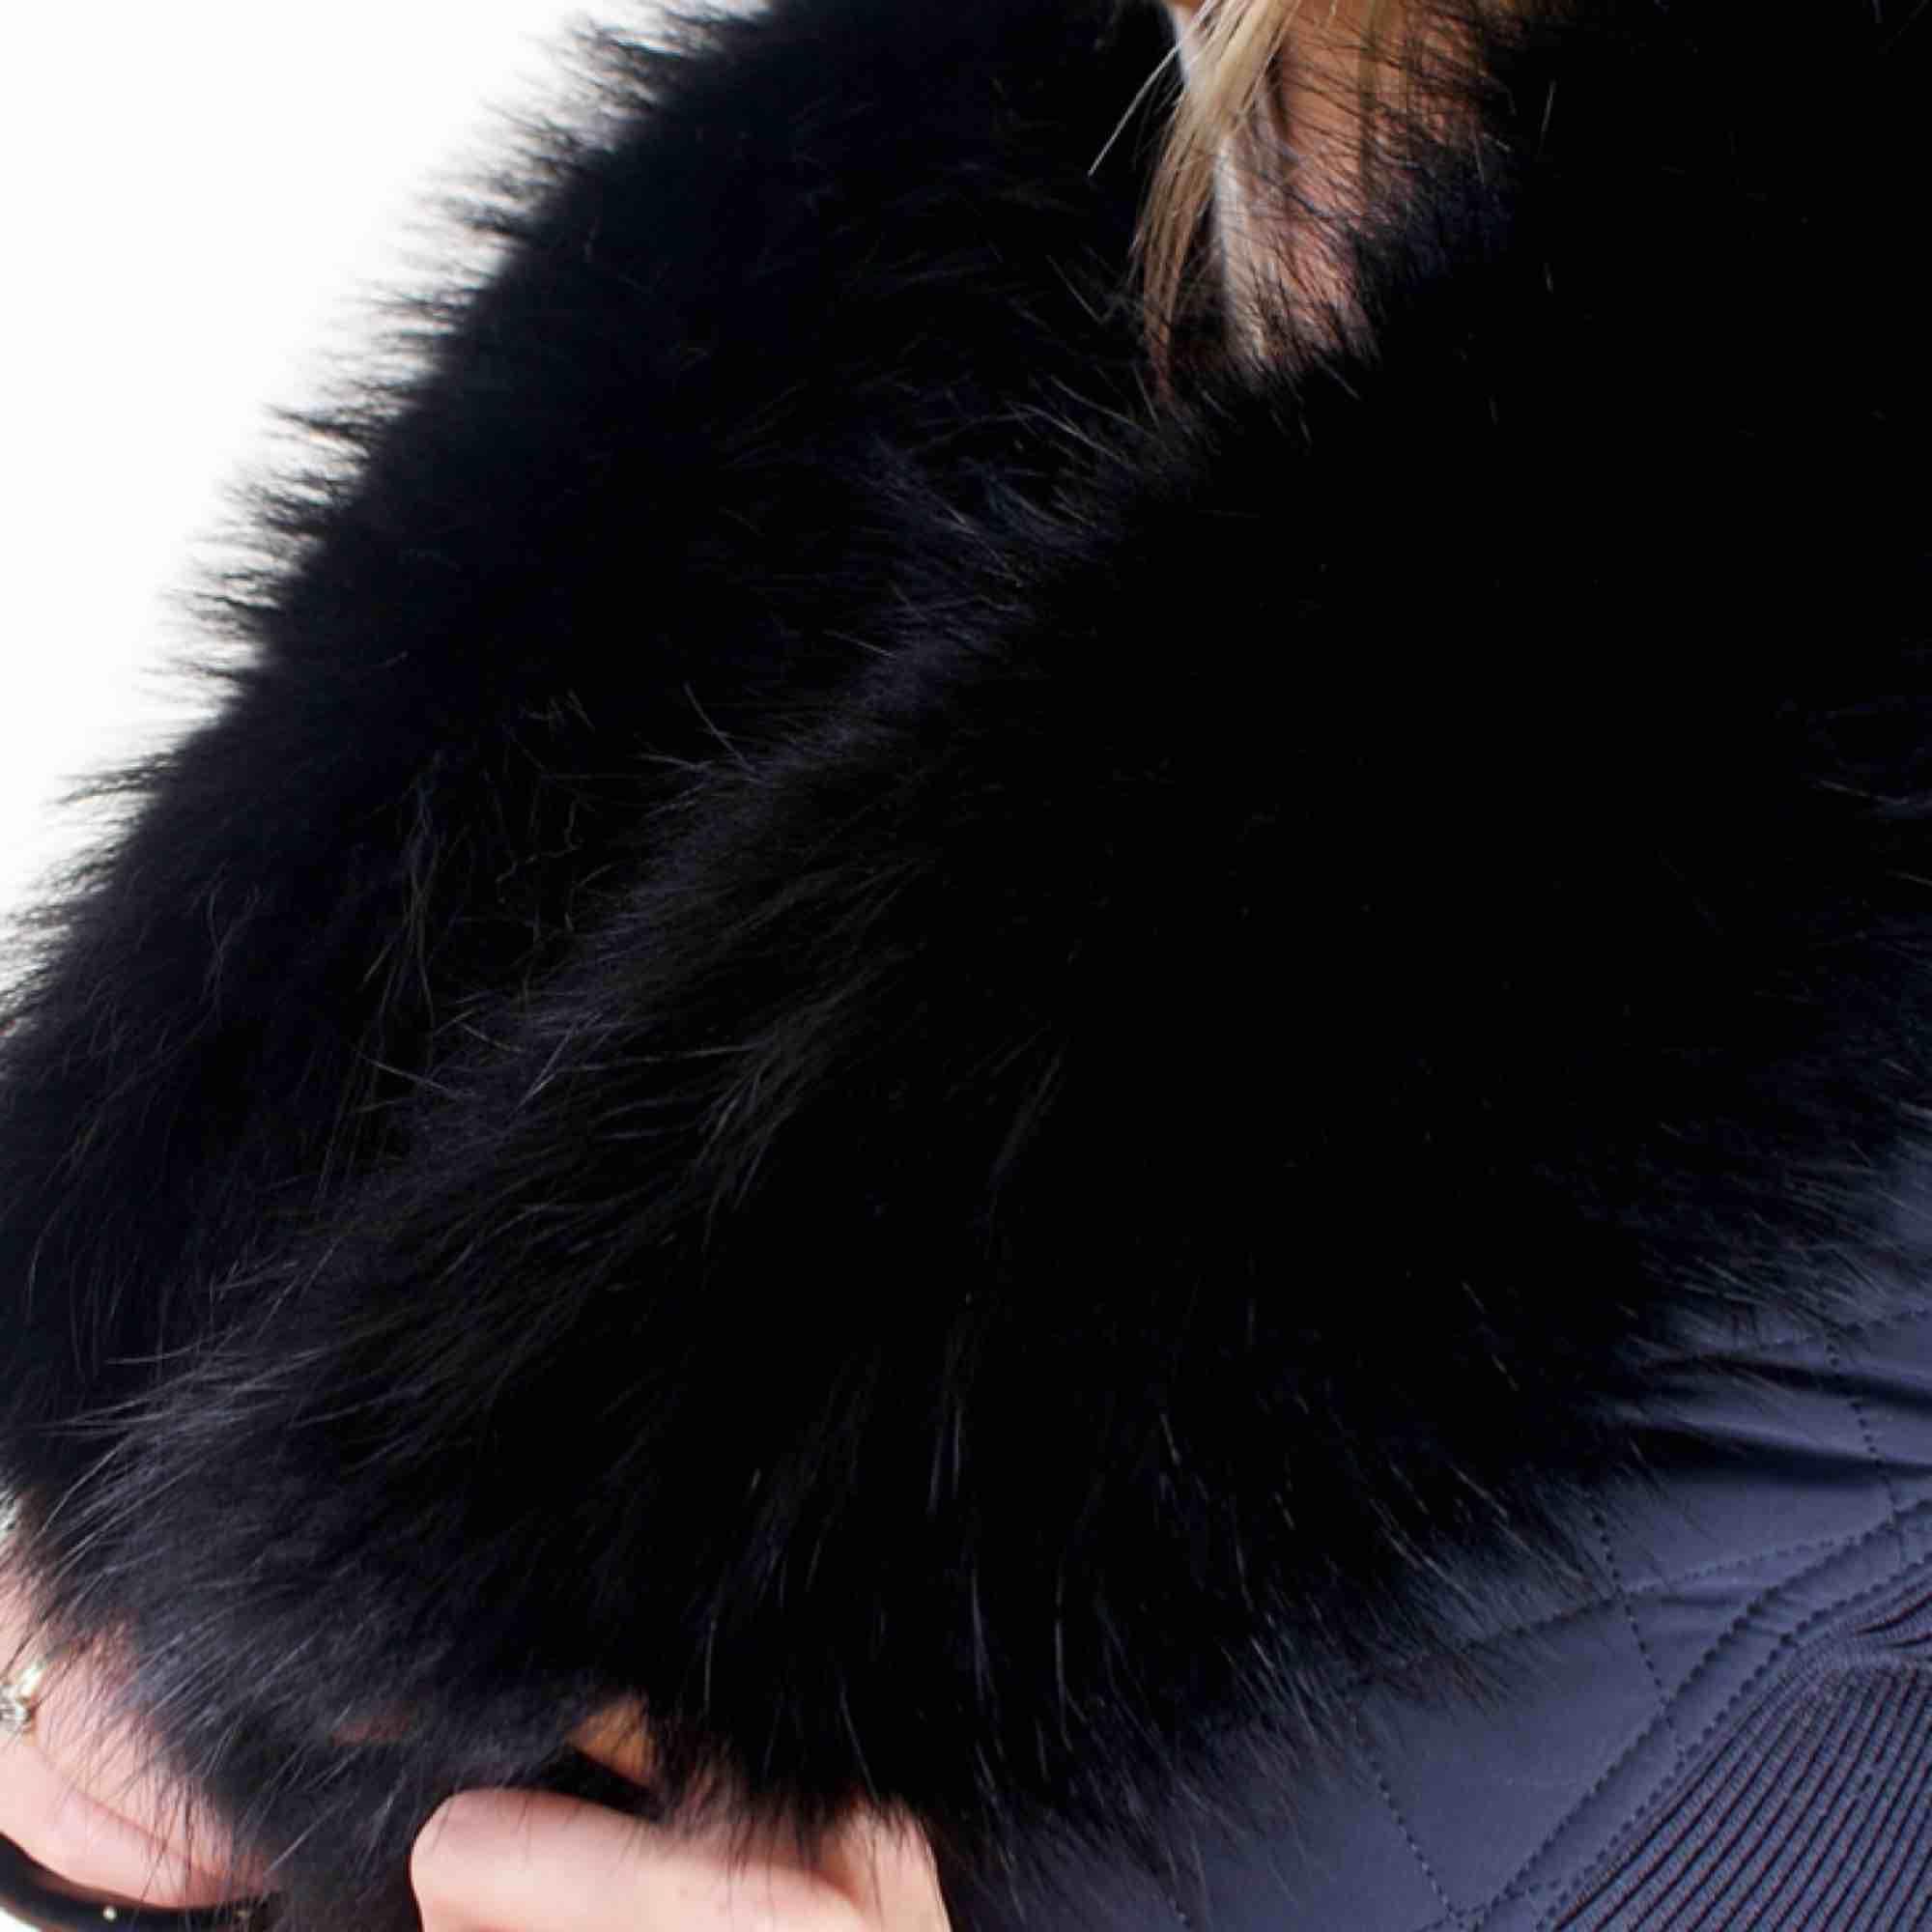 Äkta stor pälskrage i tvättbjörn päls. Den är rätt bred och fluffig, har också 2 klämmor vid varje ende för att sätta fast den på jackor/kappor. Använd några gånger men i fint skick. Köpt för 1900kr plus frakt osv . Accessoarer.